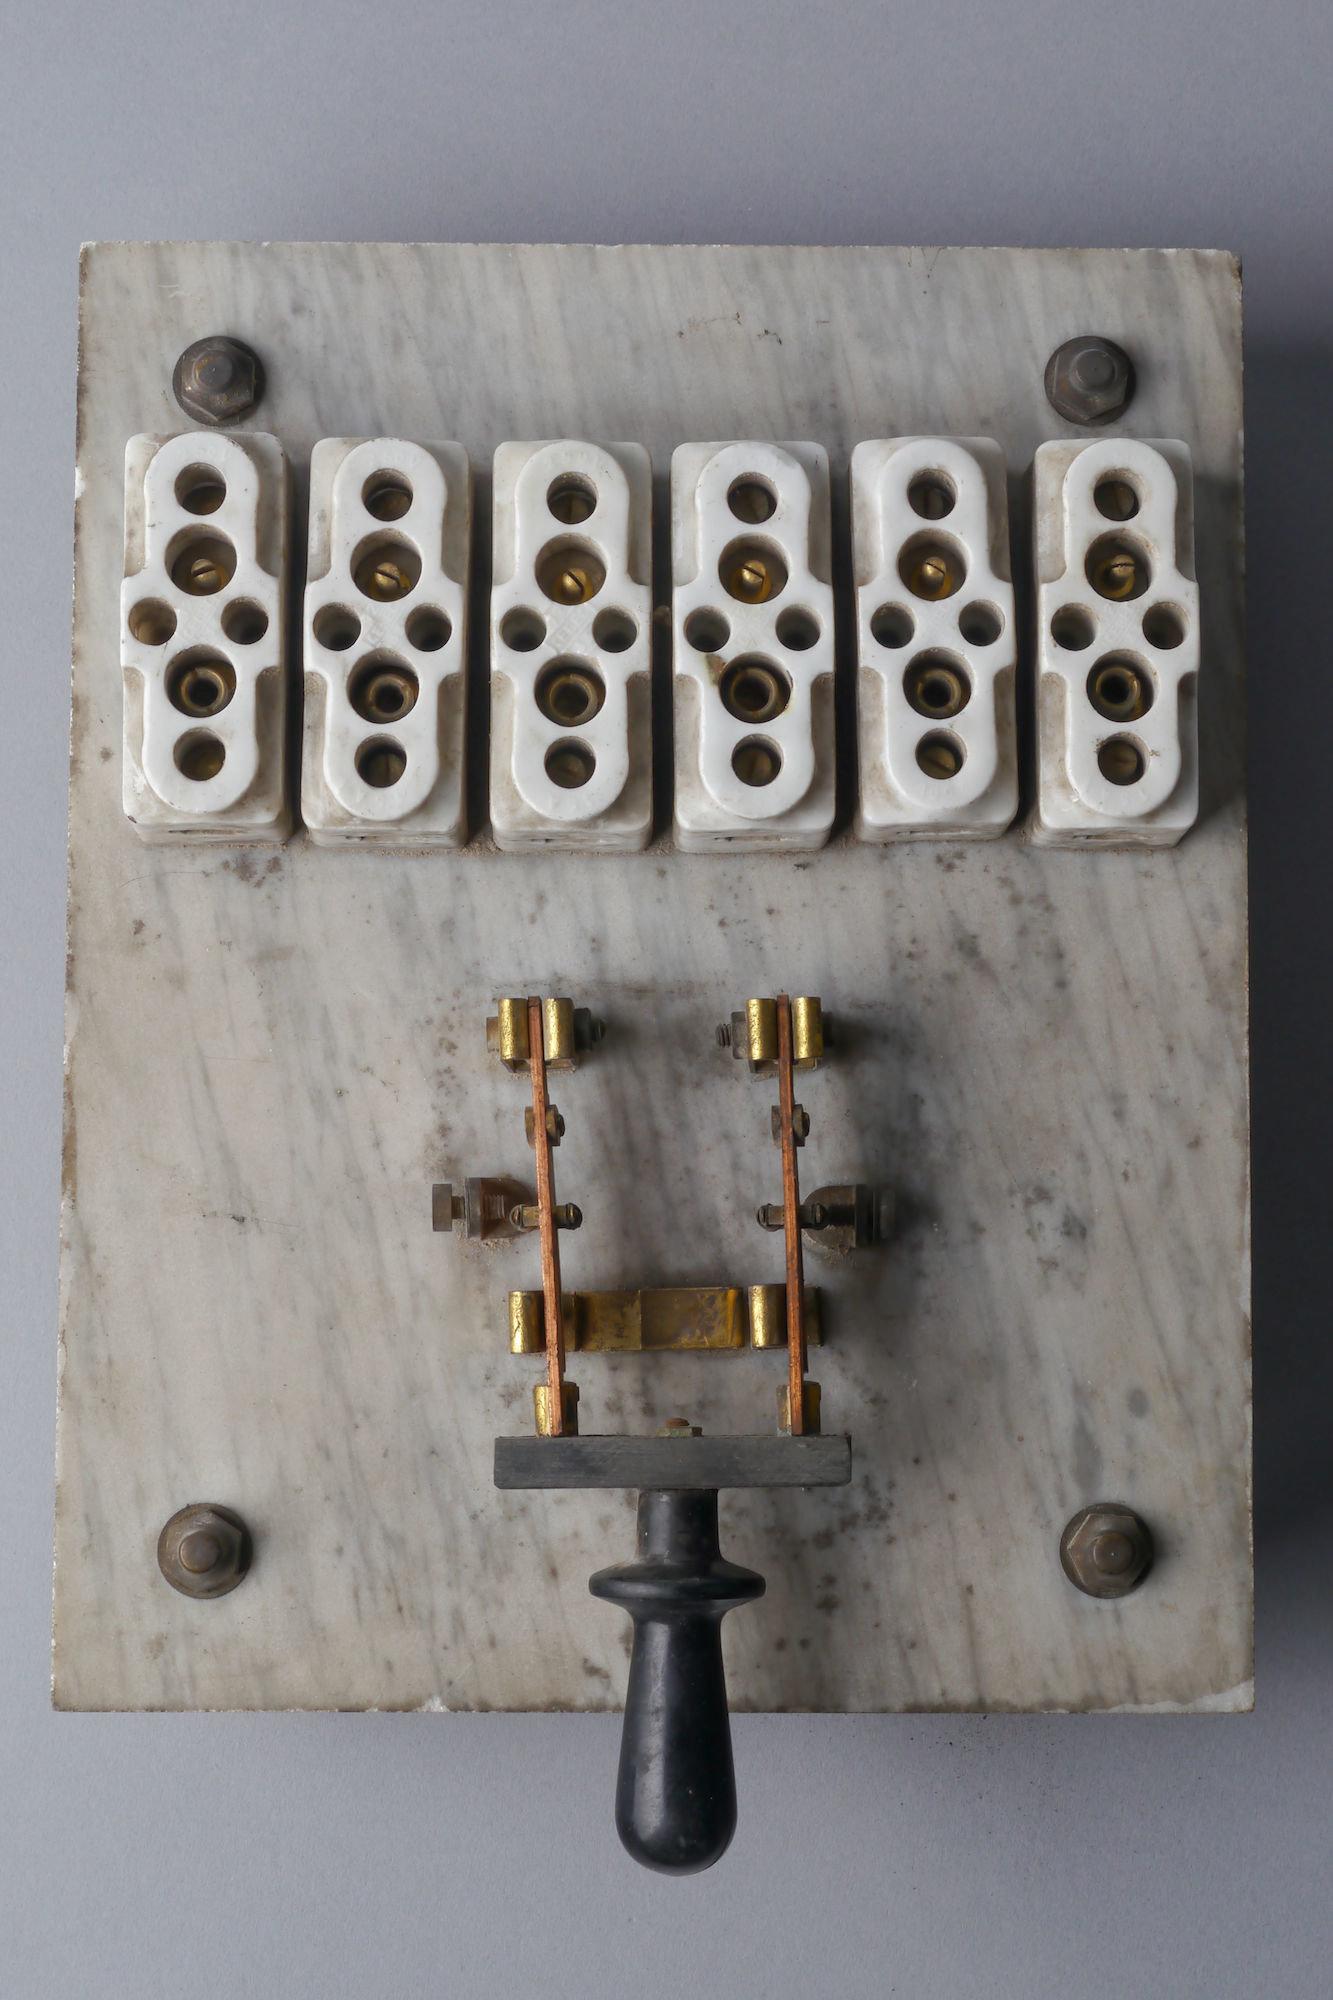 Beperkt bedieningspaneel voor elektrische installatie